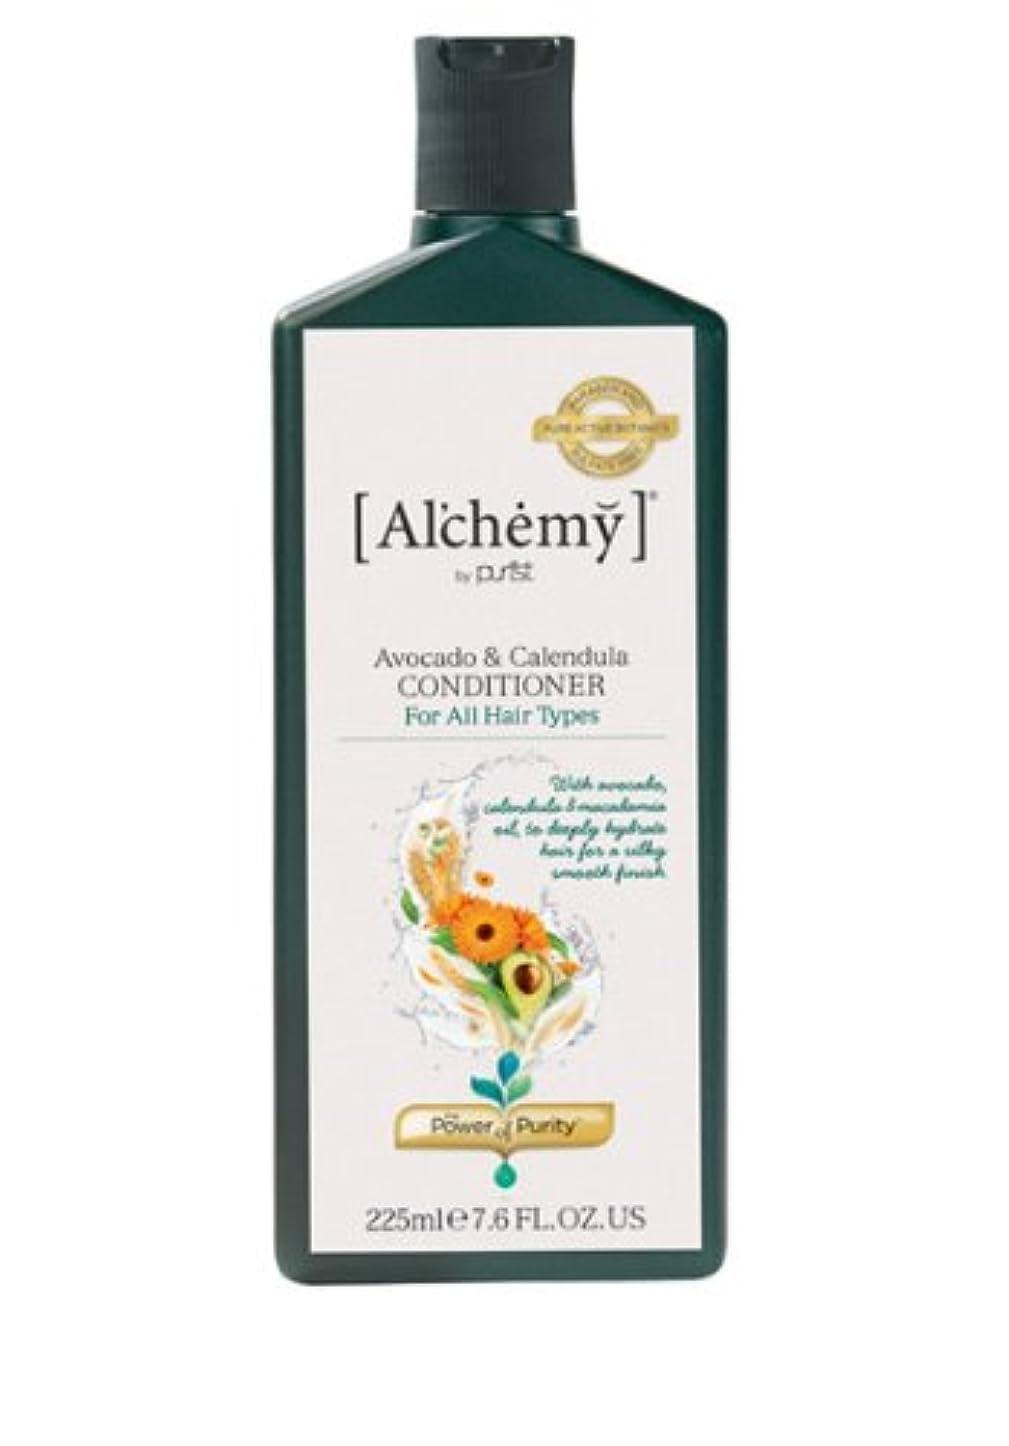 レンド熱心風刺【Al'chemy(alchemy)】アルケミー アボカド&カレデュラ コンディショナー(Avocado&Calendula Conditioner)(ドライ&ロングヘア用)225ml